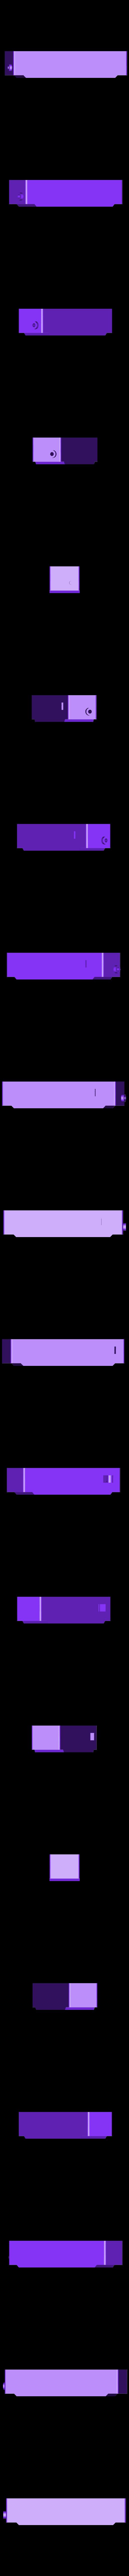 Recording.obj Télécharger fichier OBJ gratuit Enregistrement de la lumière • Plan à imprimer en 3D, matheuservilha